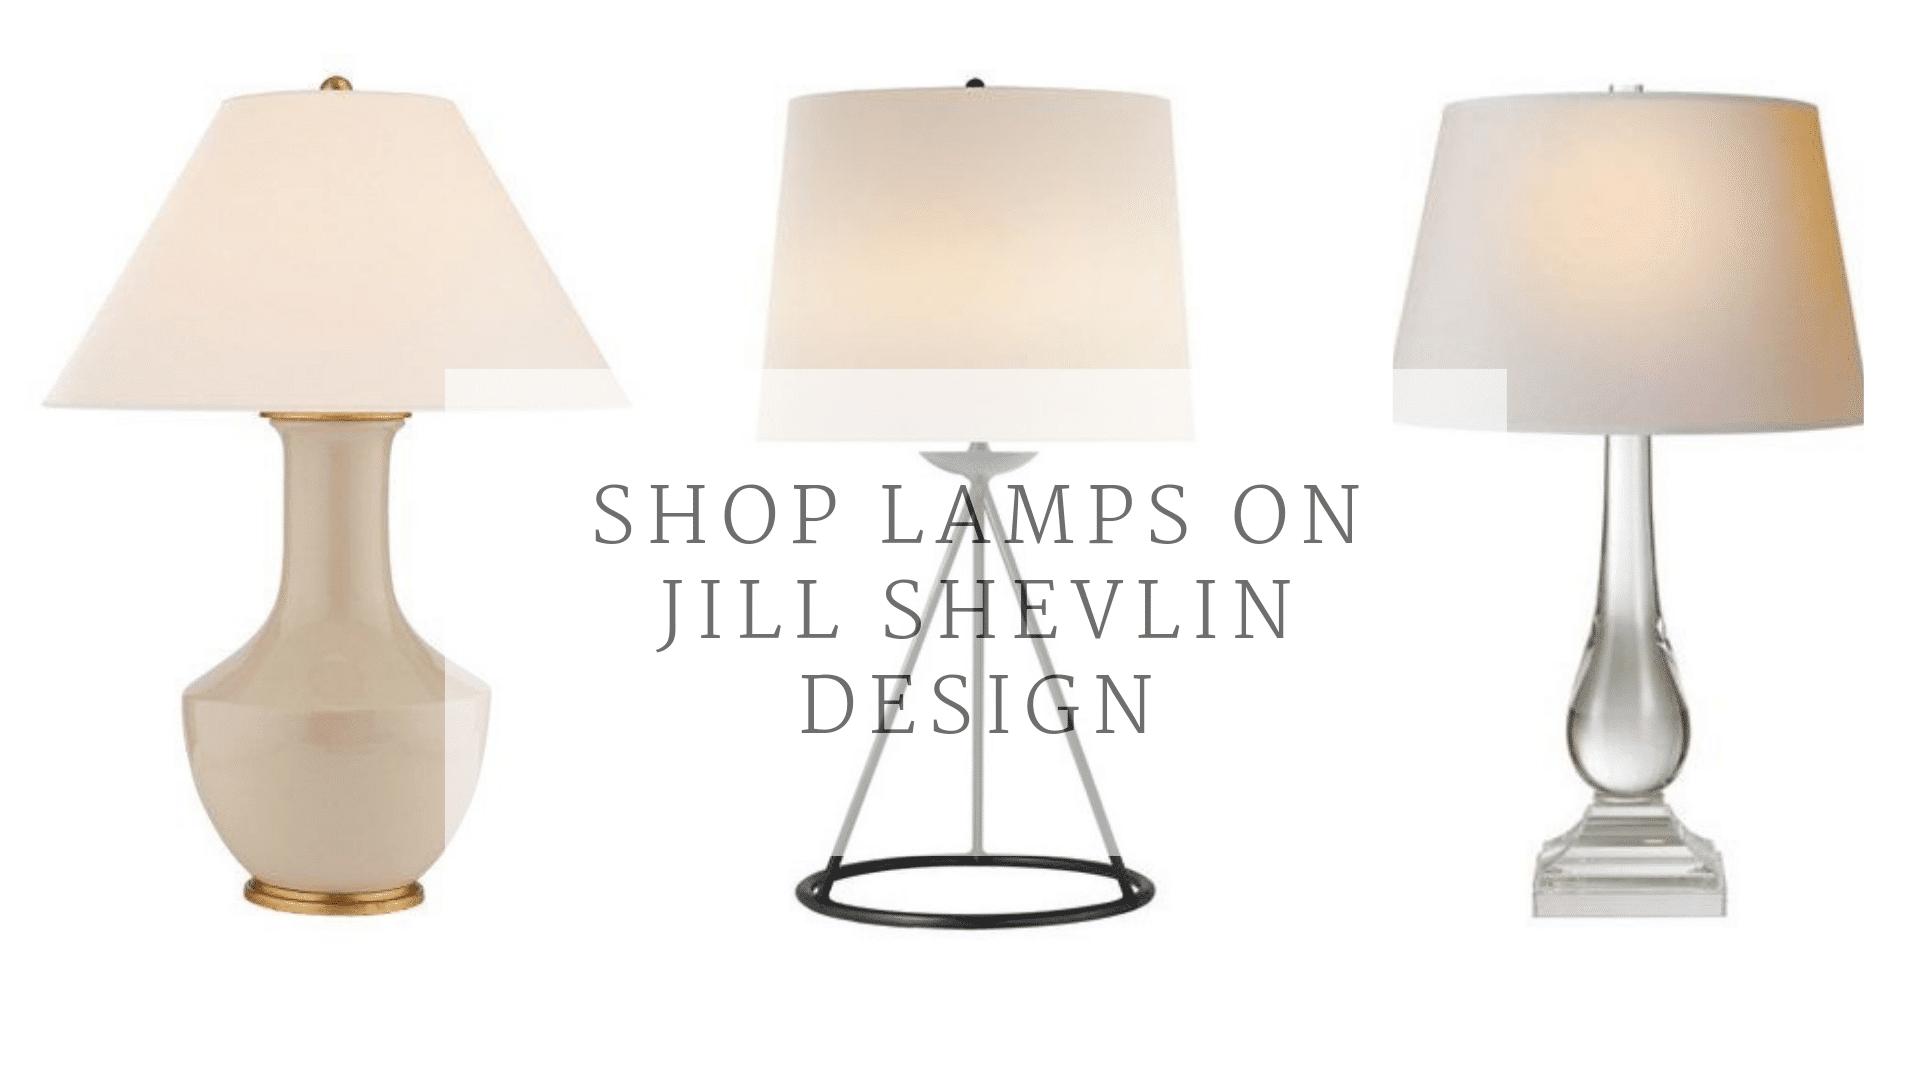 Crystal Lamps, Ceramic Lamps, Gord Lamp, Metal Lamp Shop Lamps  Designer Lamps, Coastal Modern Home Decor Vero Beach Interior Designer